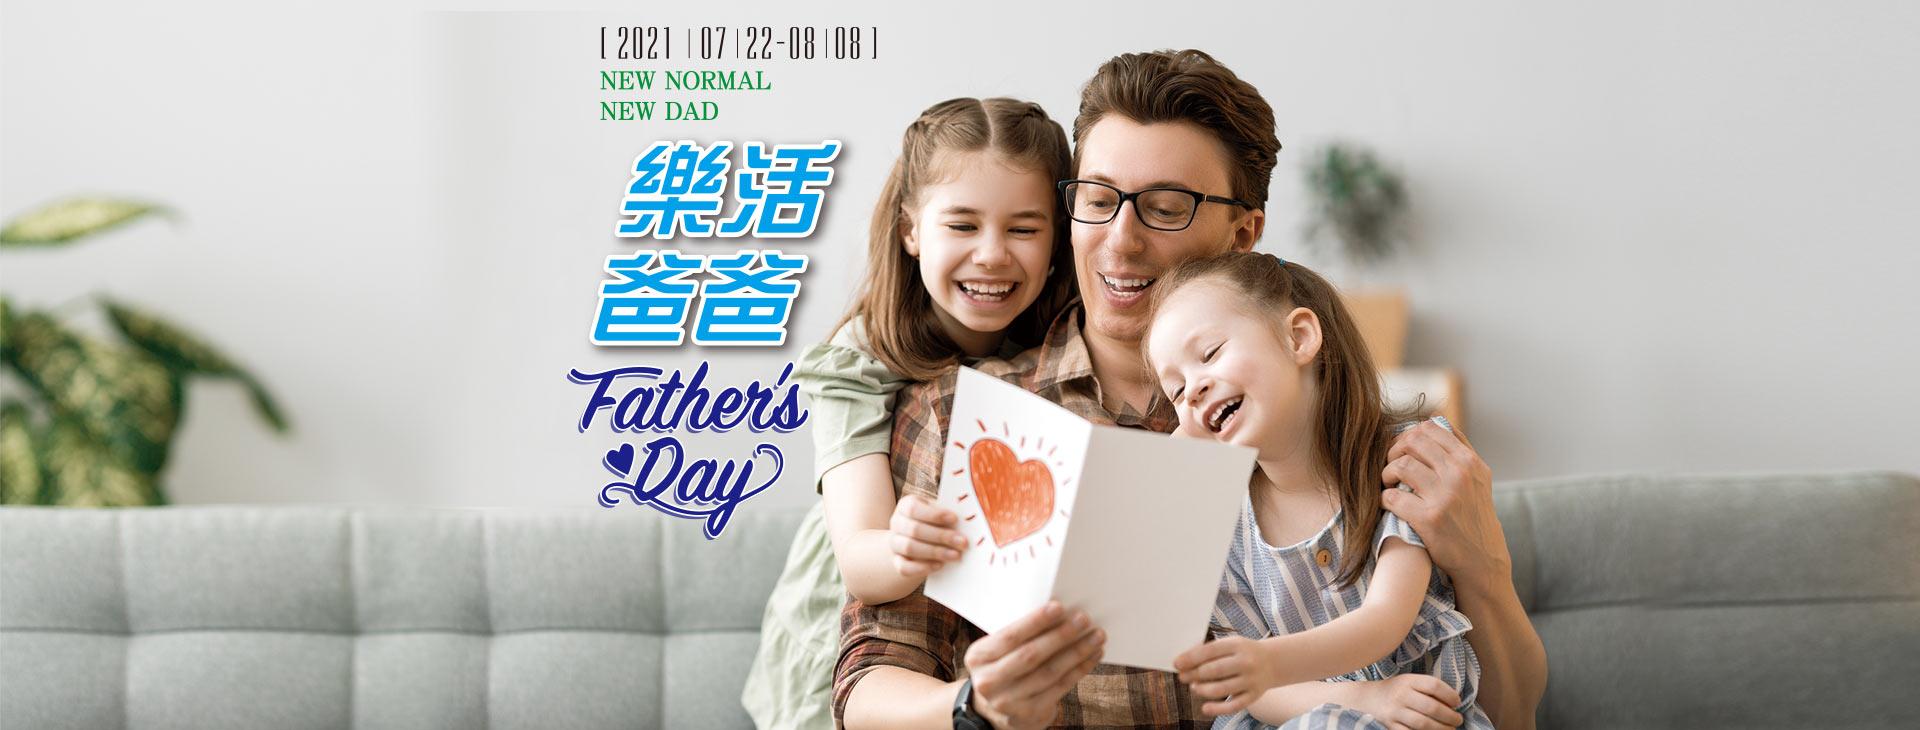 樂活爸爸 Father's Day